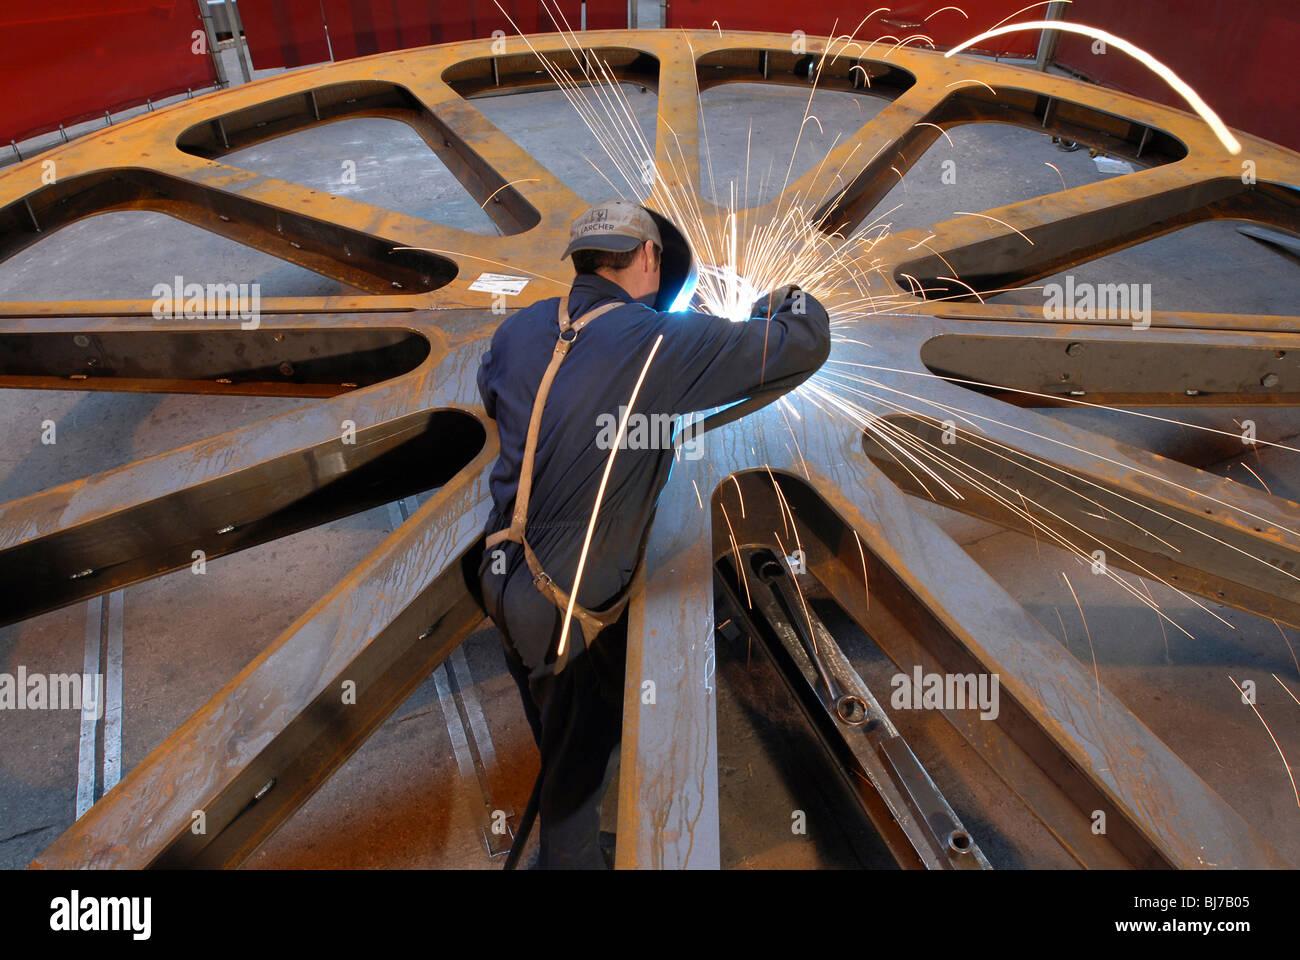 Leither AG fabrique de téléphériques, téléskis et roues moulin, Italie Photo Stock